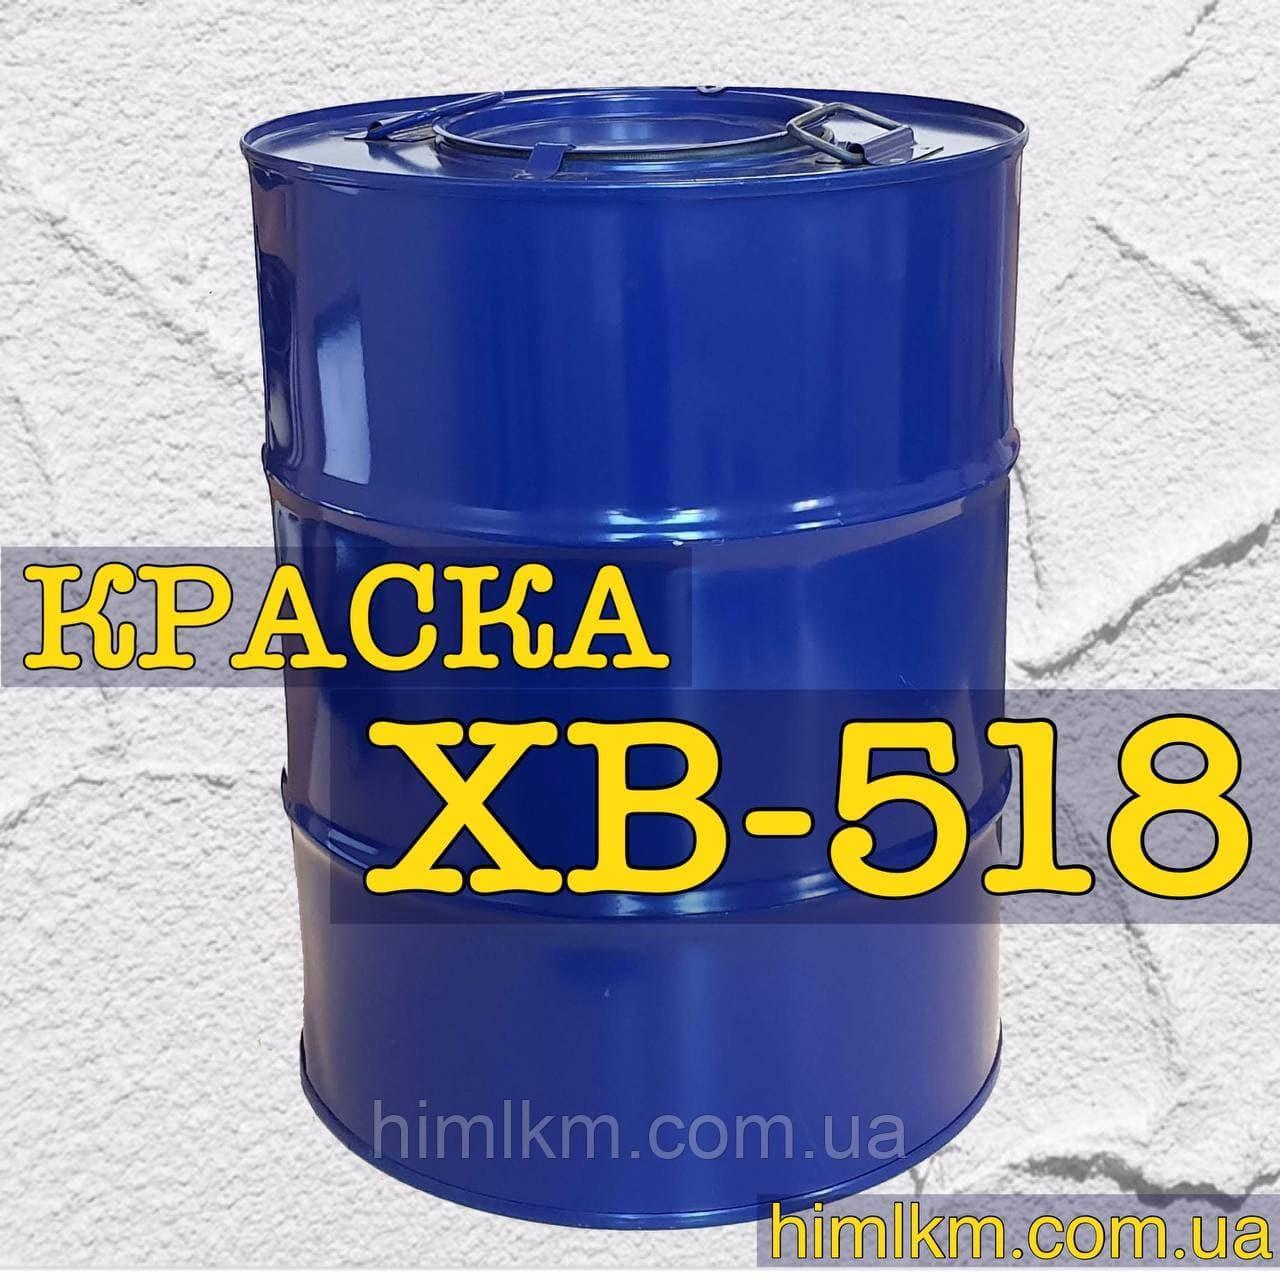 Эмаль ХВ - 518 для защиты стальных и алюминиевых поверхностей, 50кг